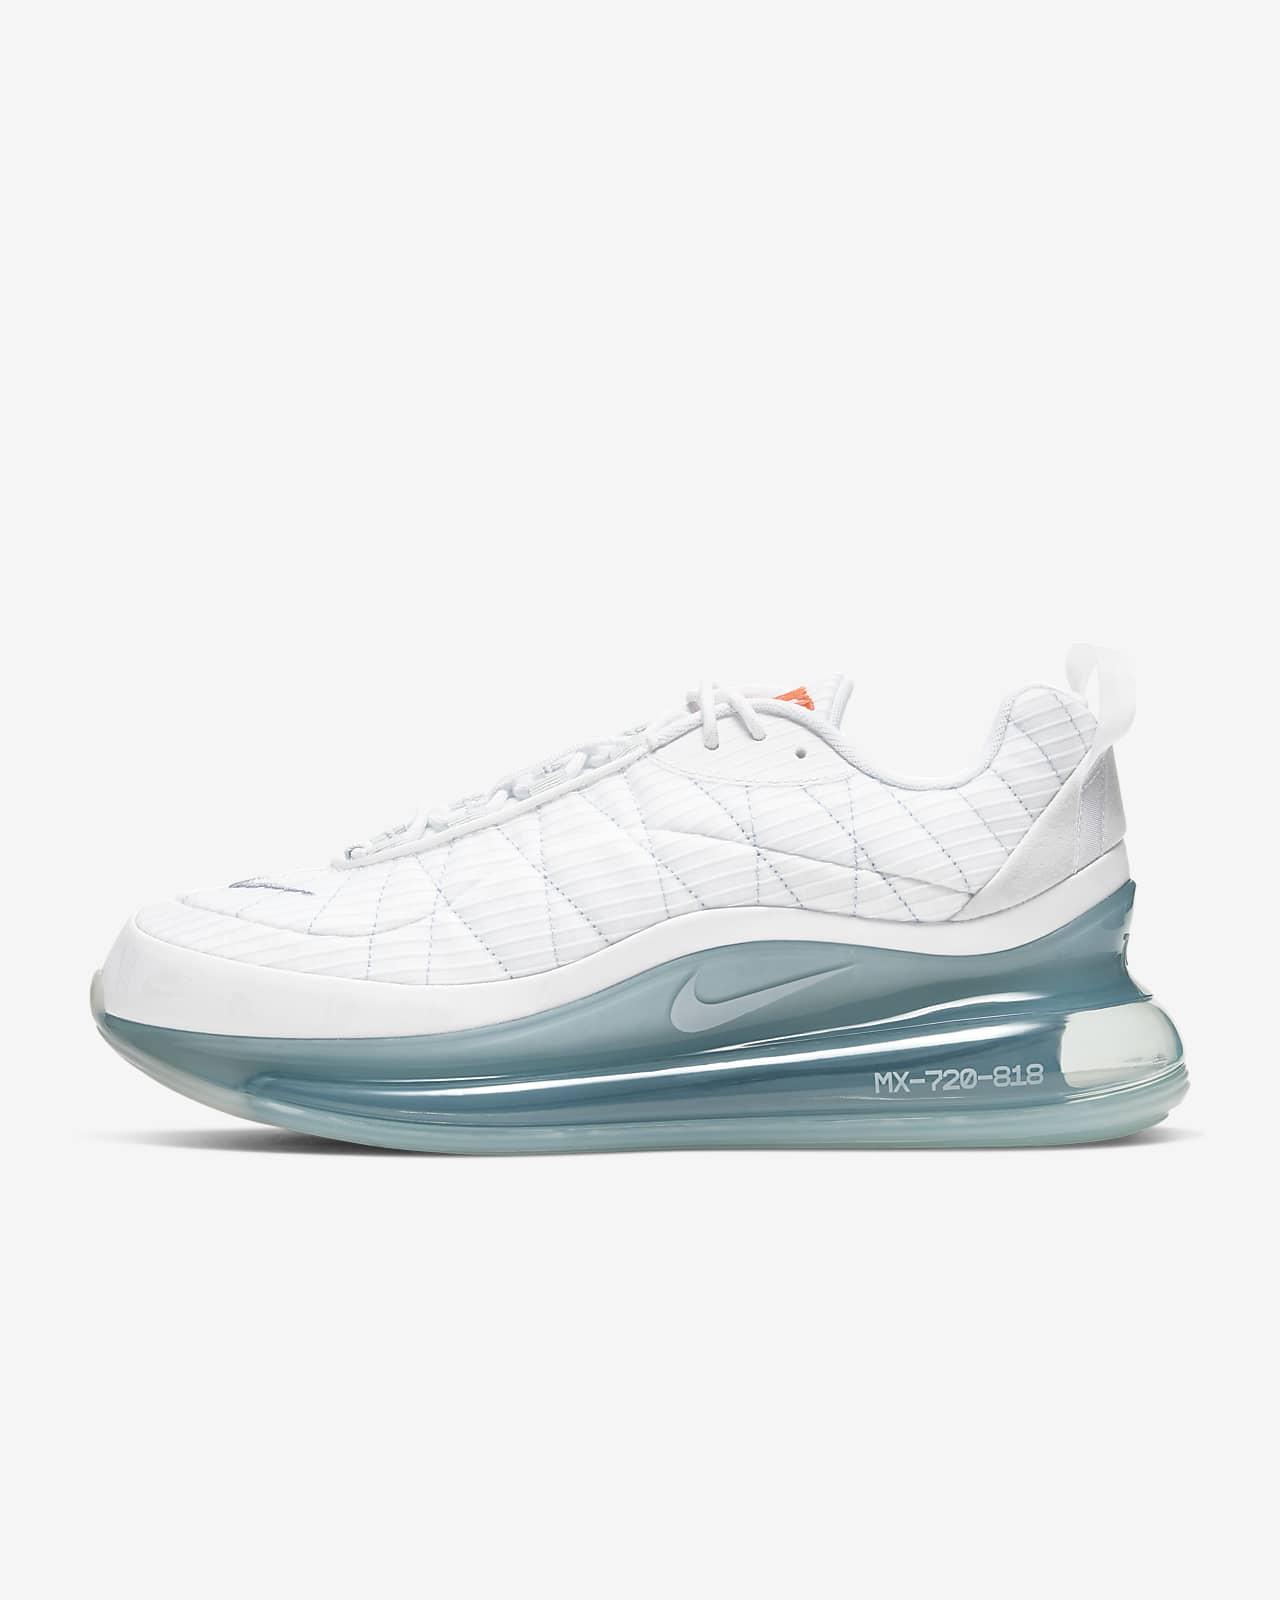 Calzado para hombre Nike MX-720-818